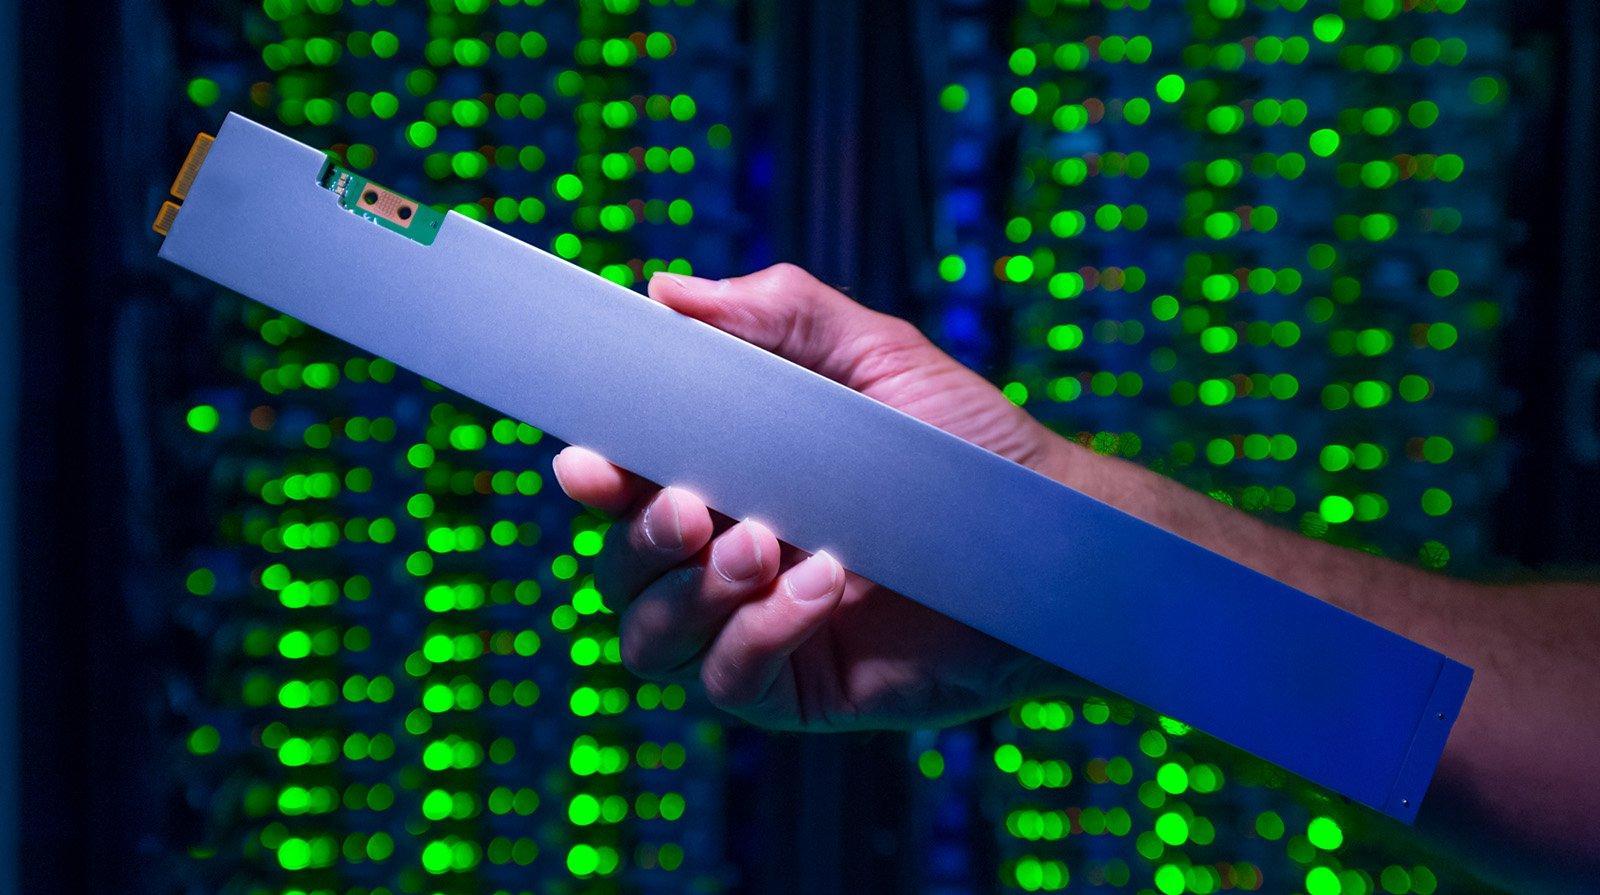 인텔 32TB 용량의 Ruler SSD